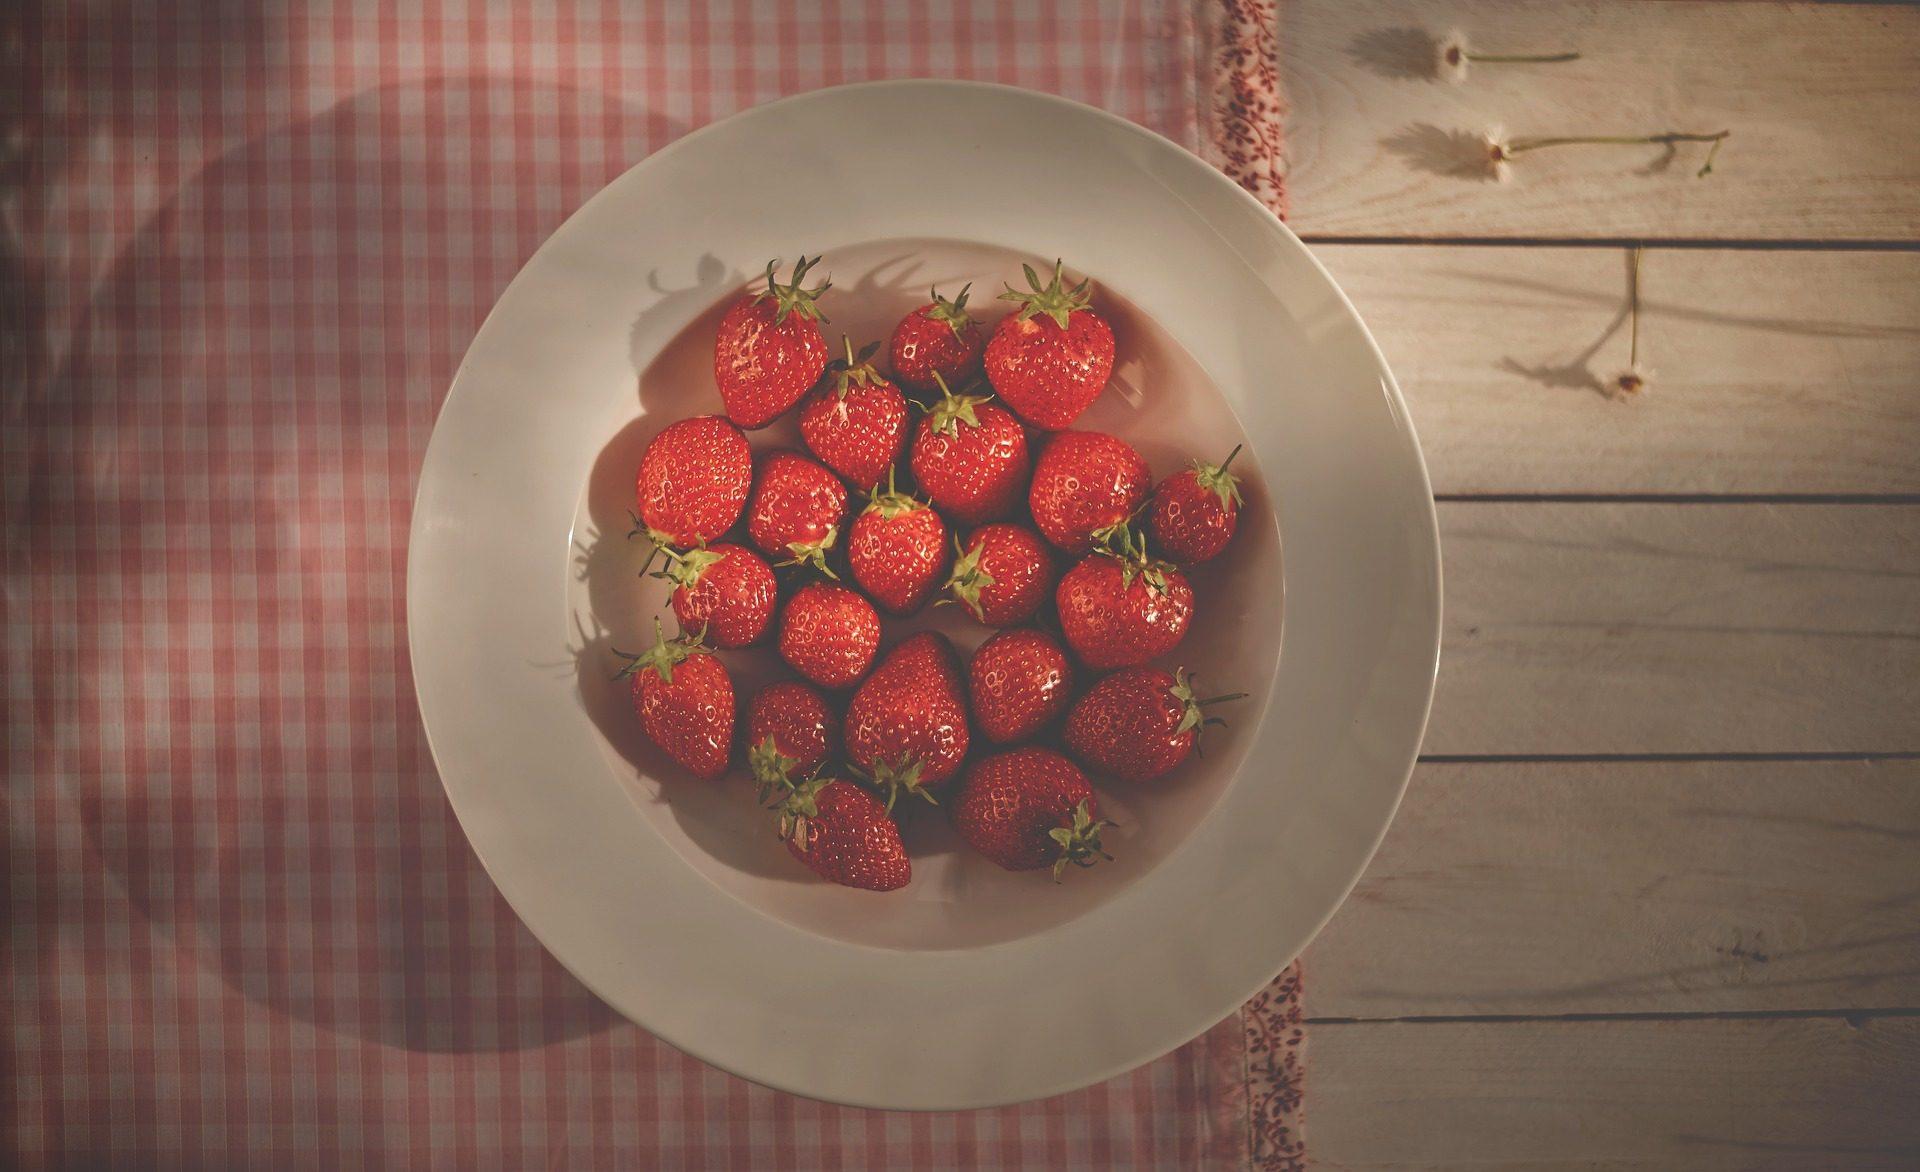 الفراولة, صحن, فاكهة, الجدول, مفرش, الزهور - خلفيات عالية الدقة - أستاذ falken.com